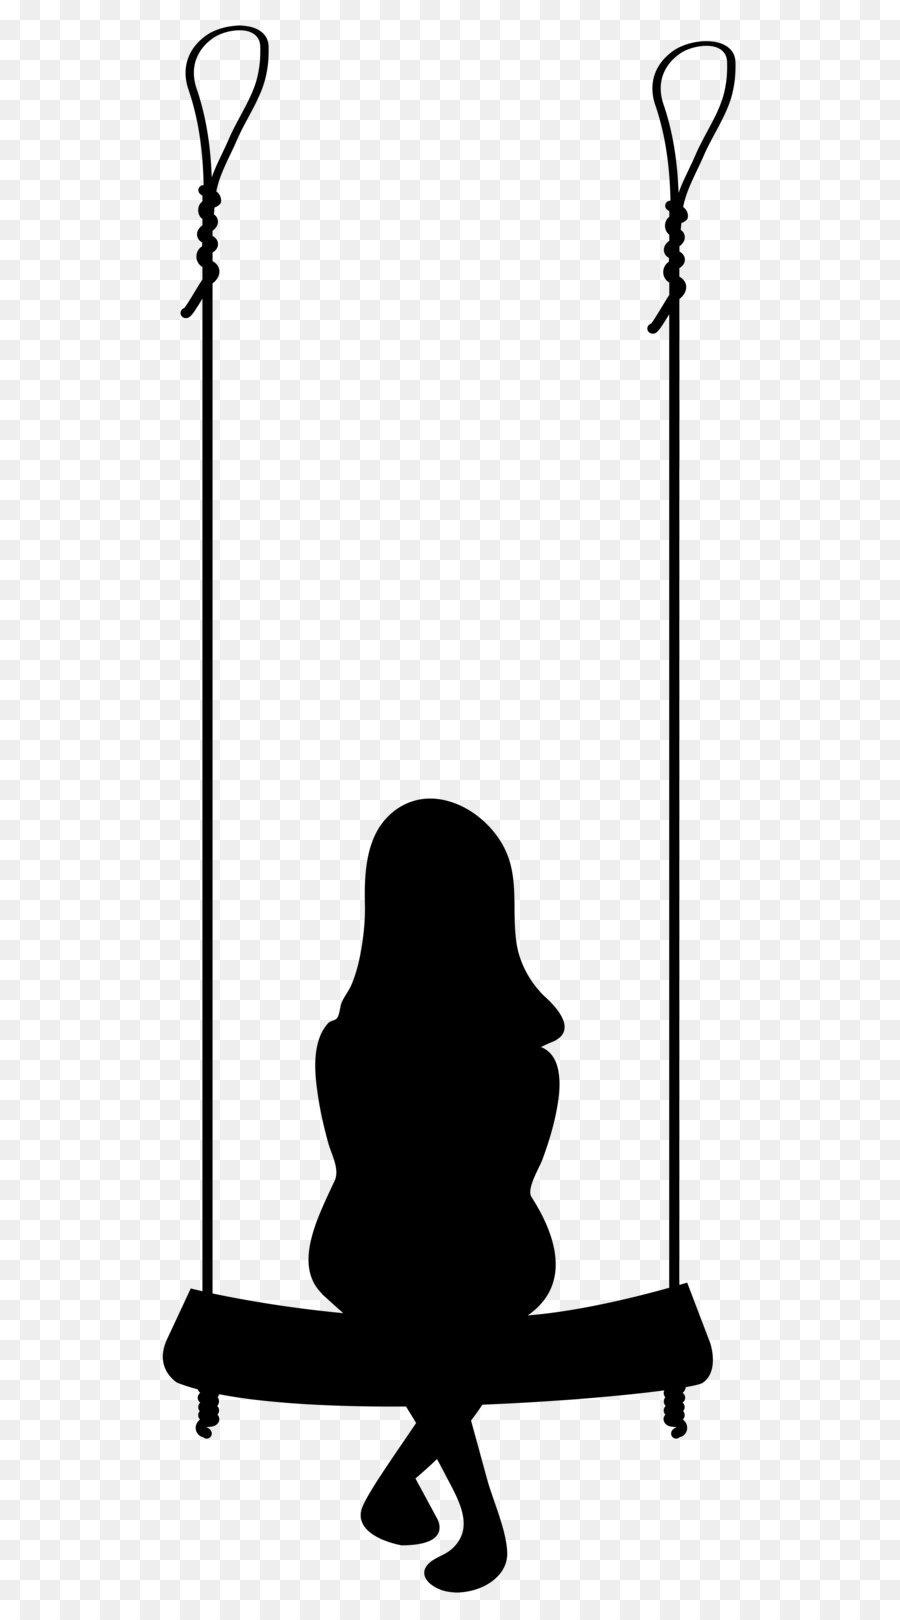 900x1620 Silhouette Swing Clip Art